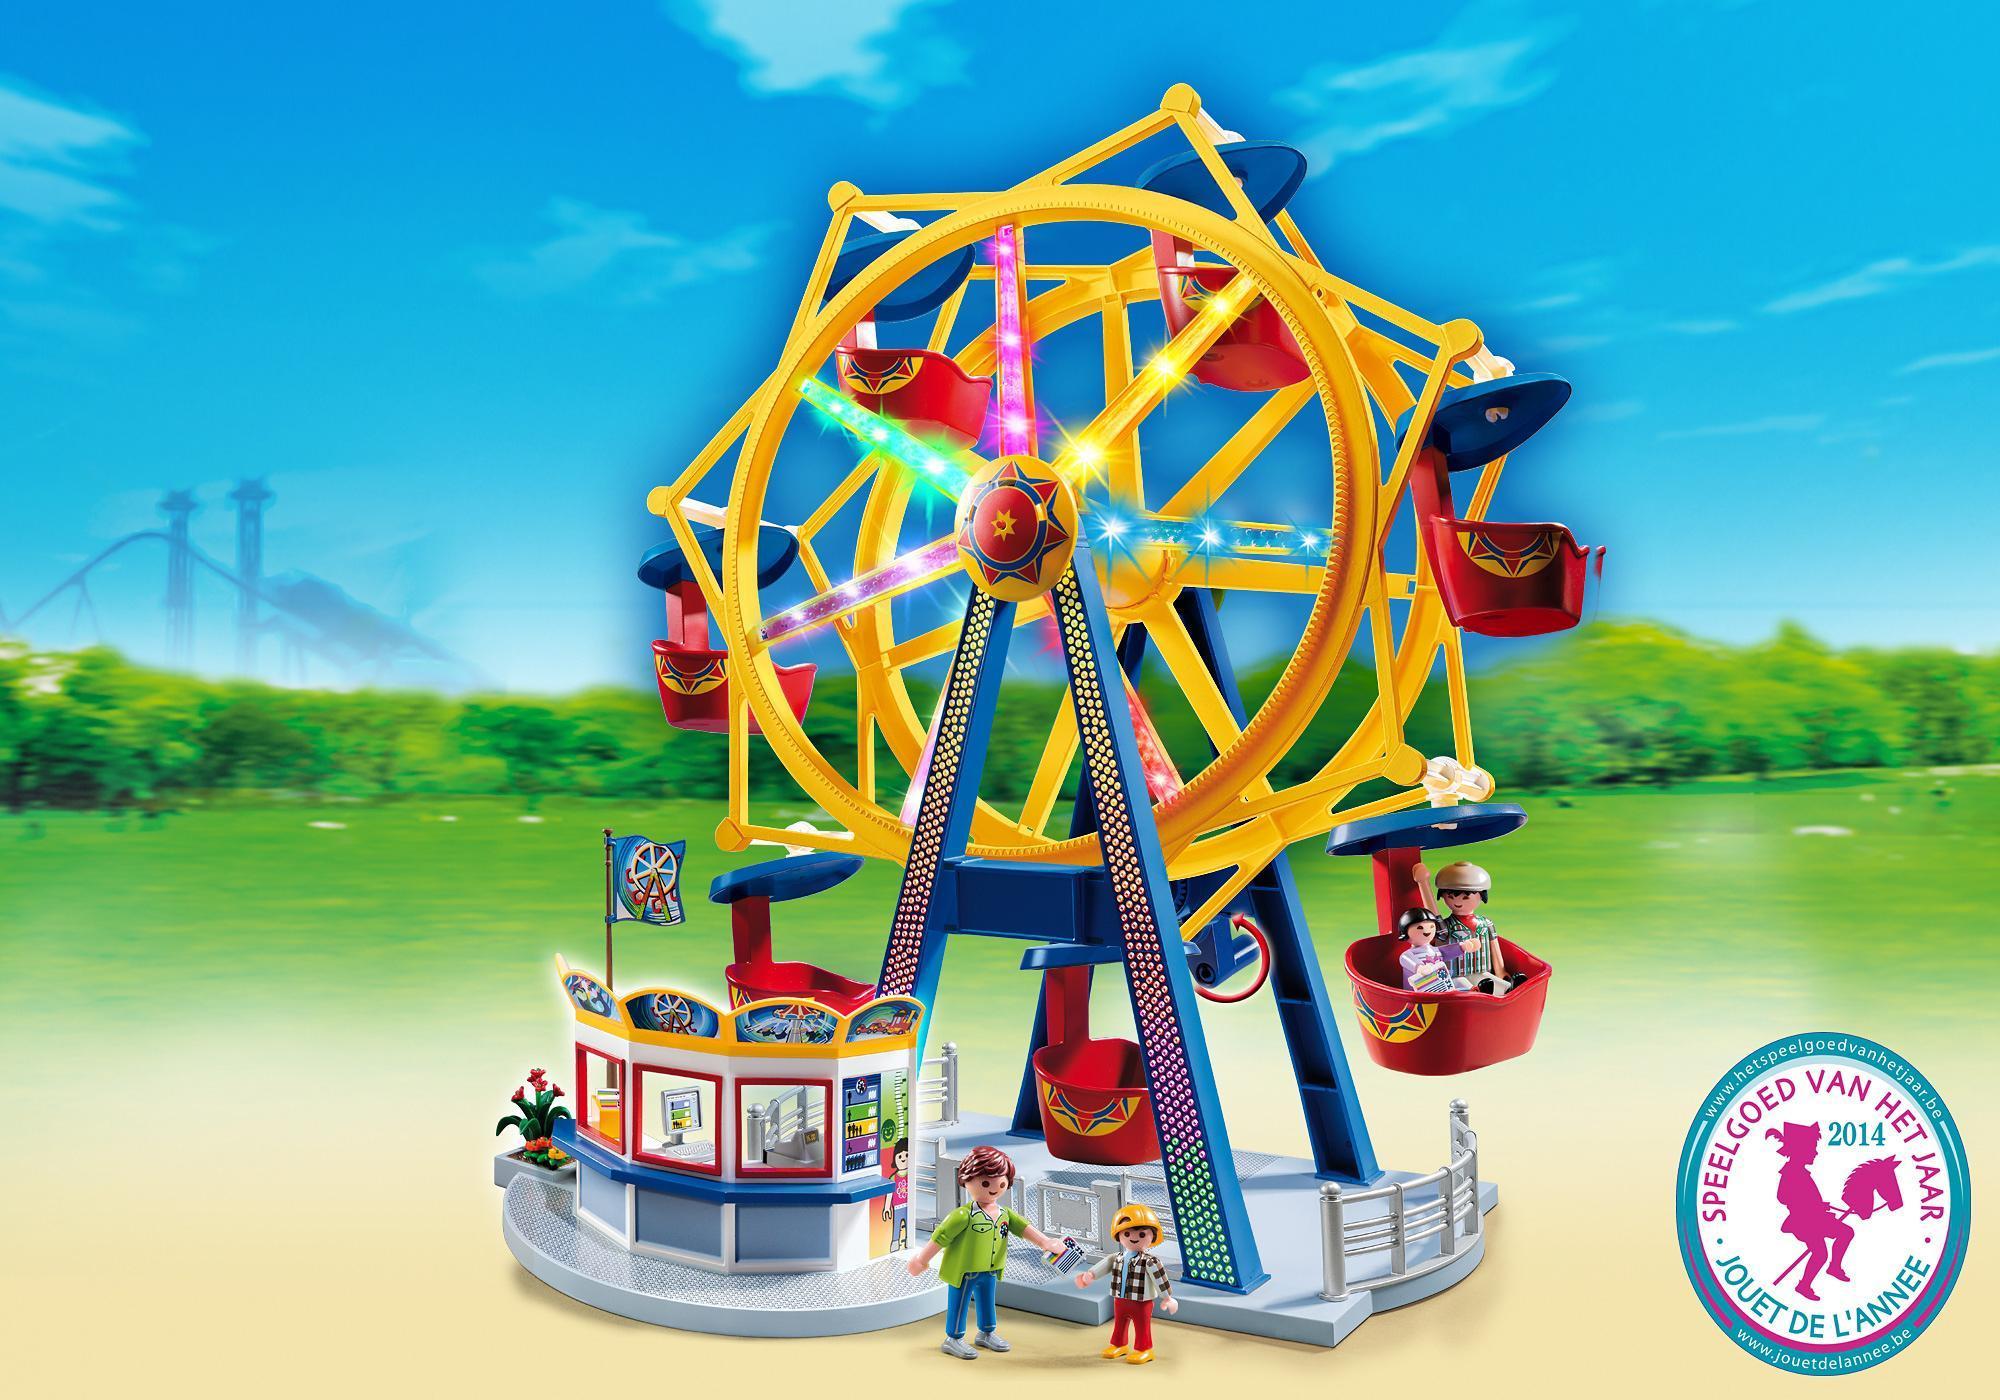 http://media.playmobil.com/i/playmobil/5552_product_detail/Groot draairad met kleurrijke verlichting